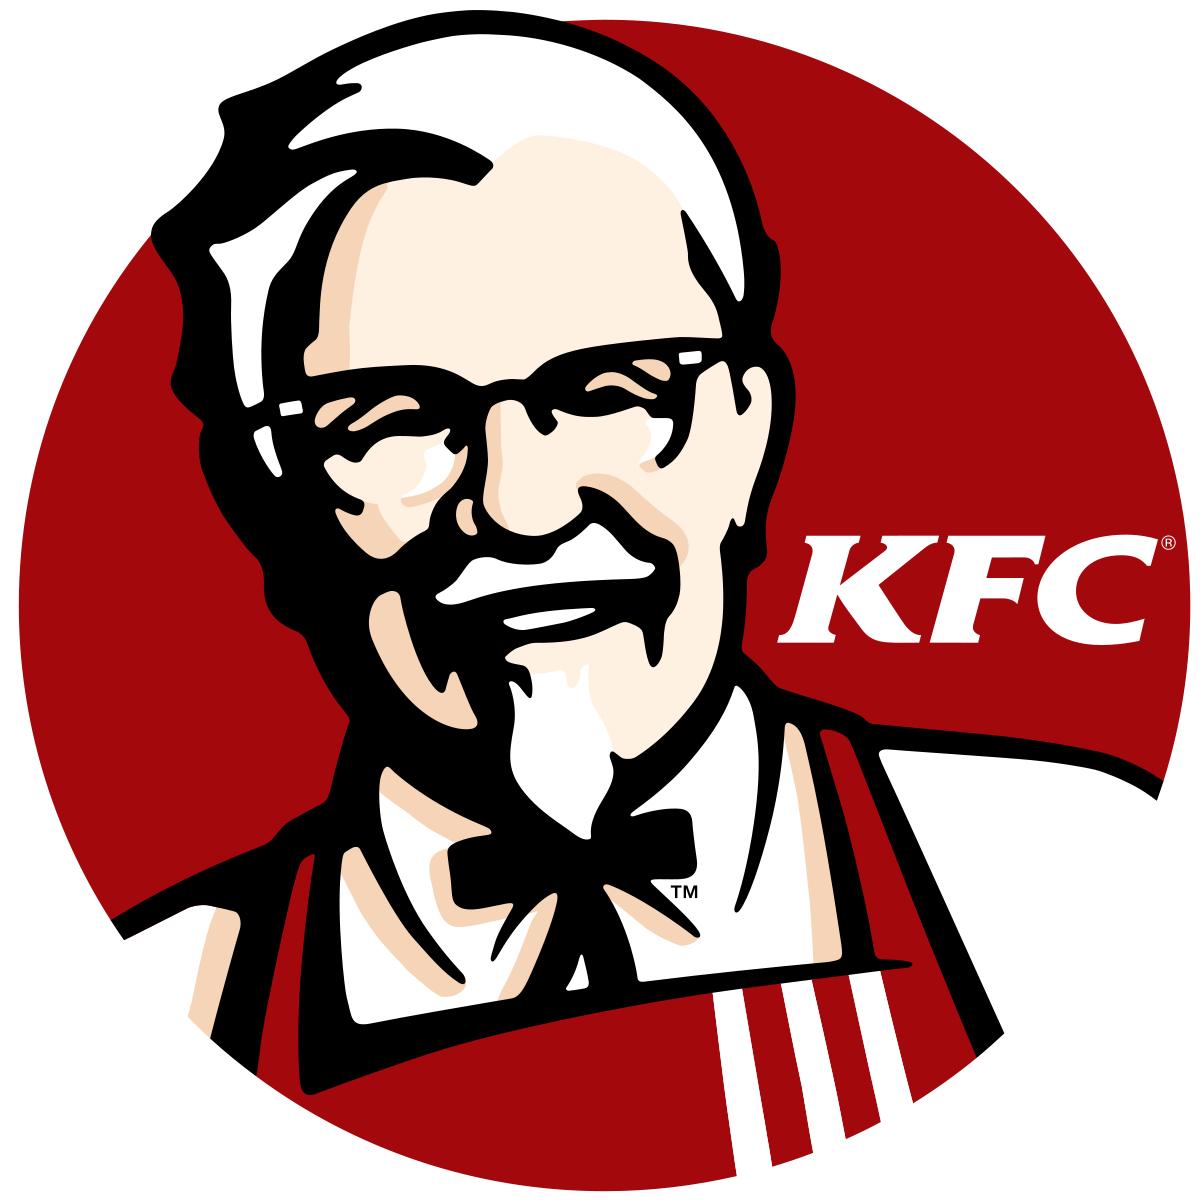 KFC Printable Vouchers via Voucherpacks